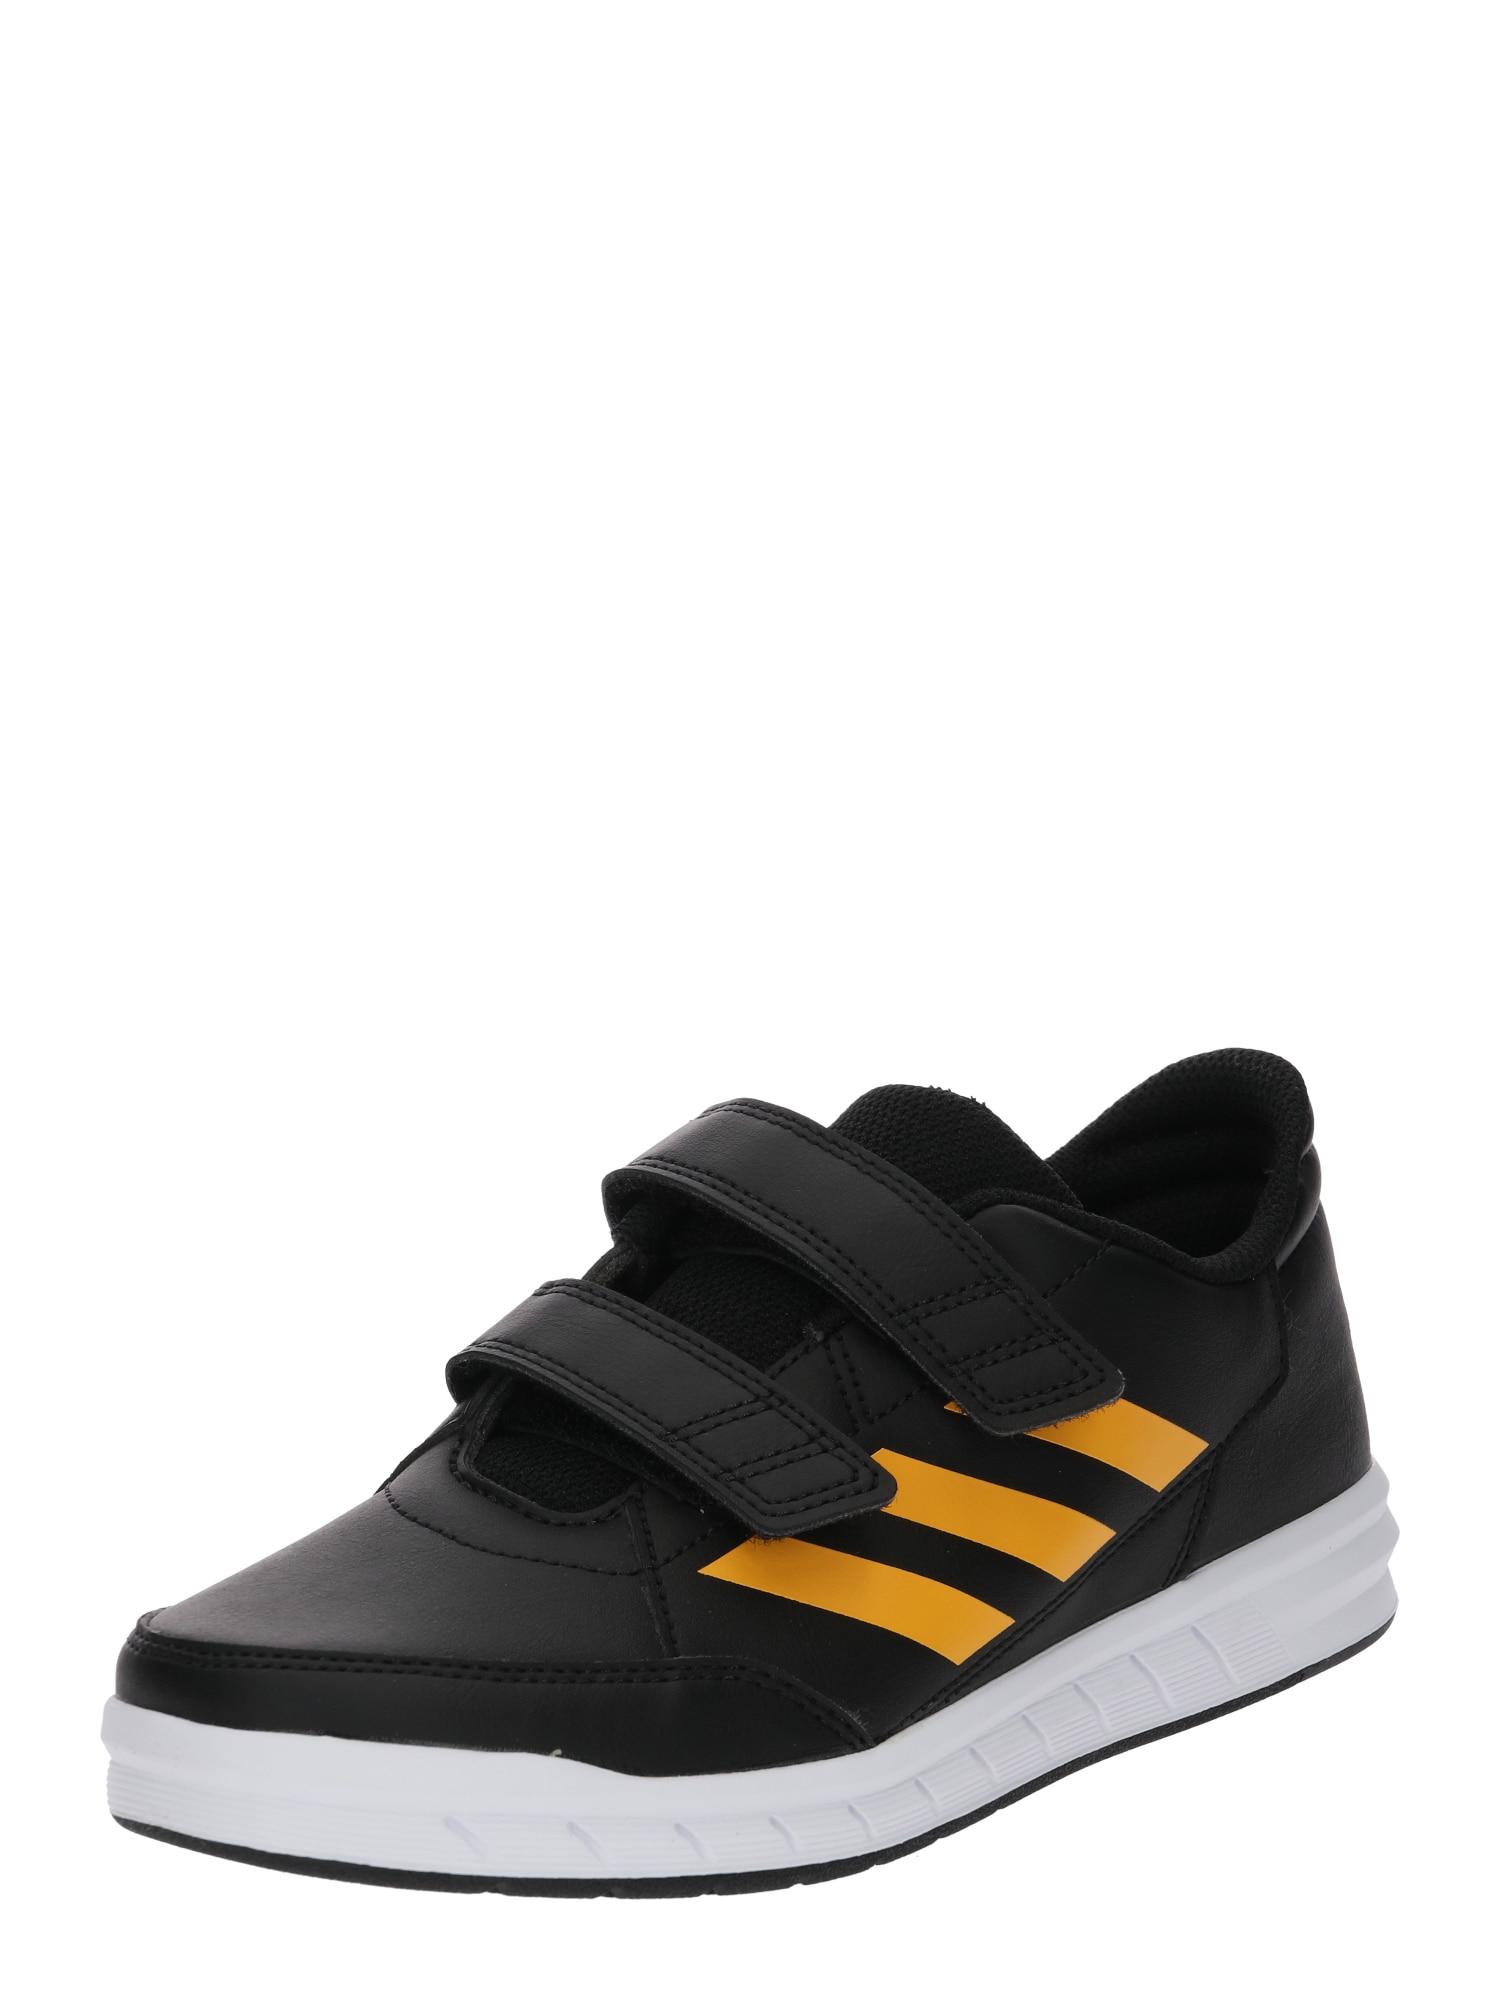 Sportovní boty AltaSport CF K černá ADIDAS PERFORMANCE